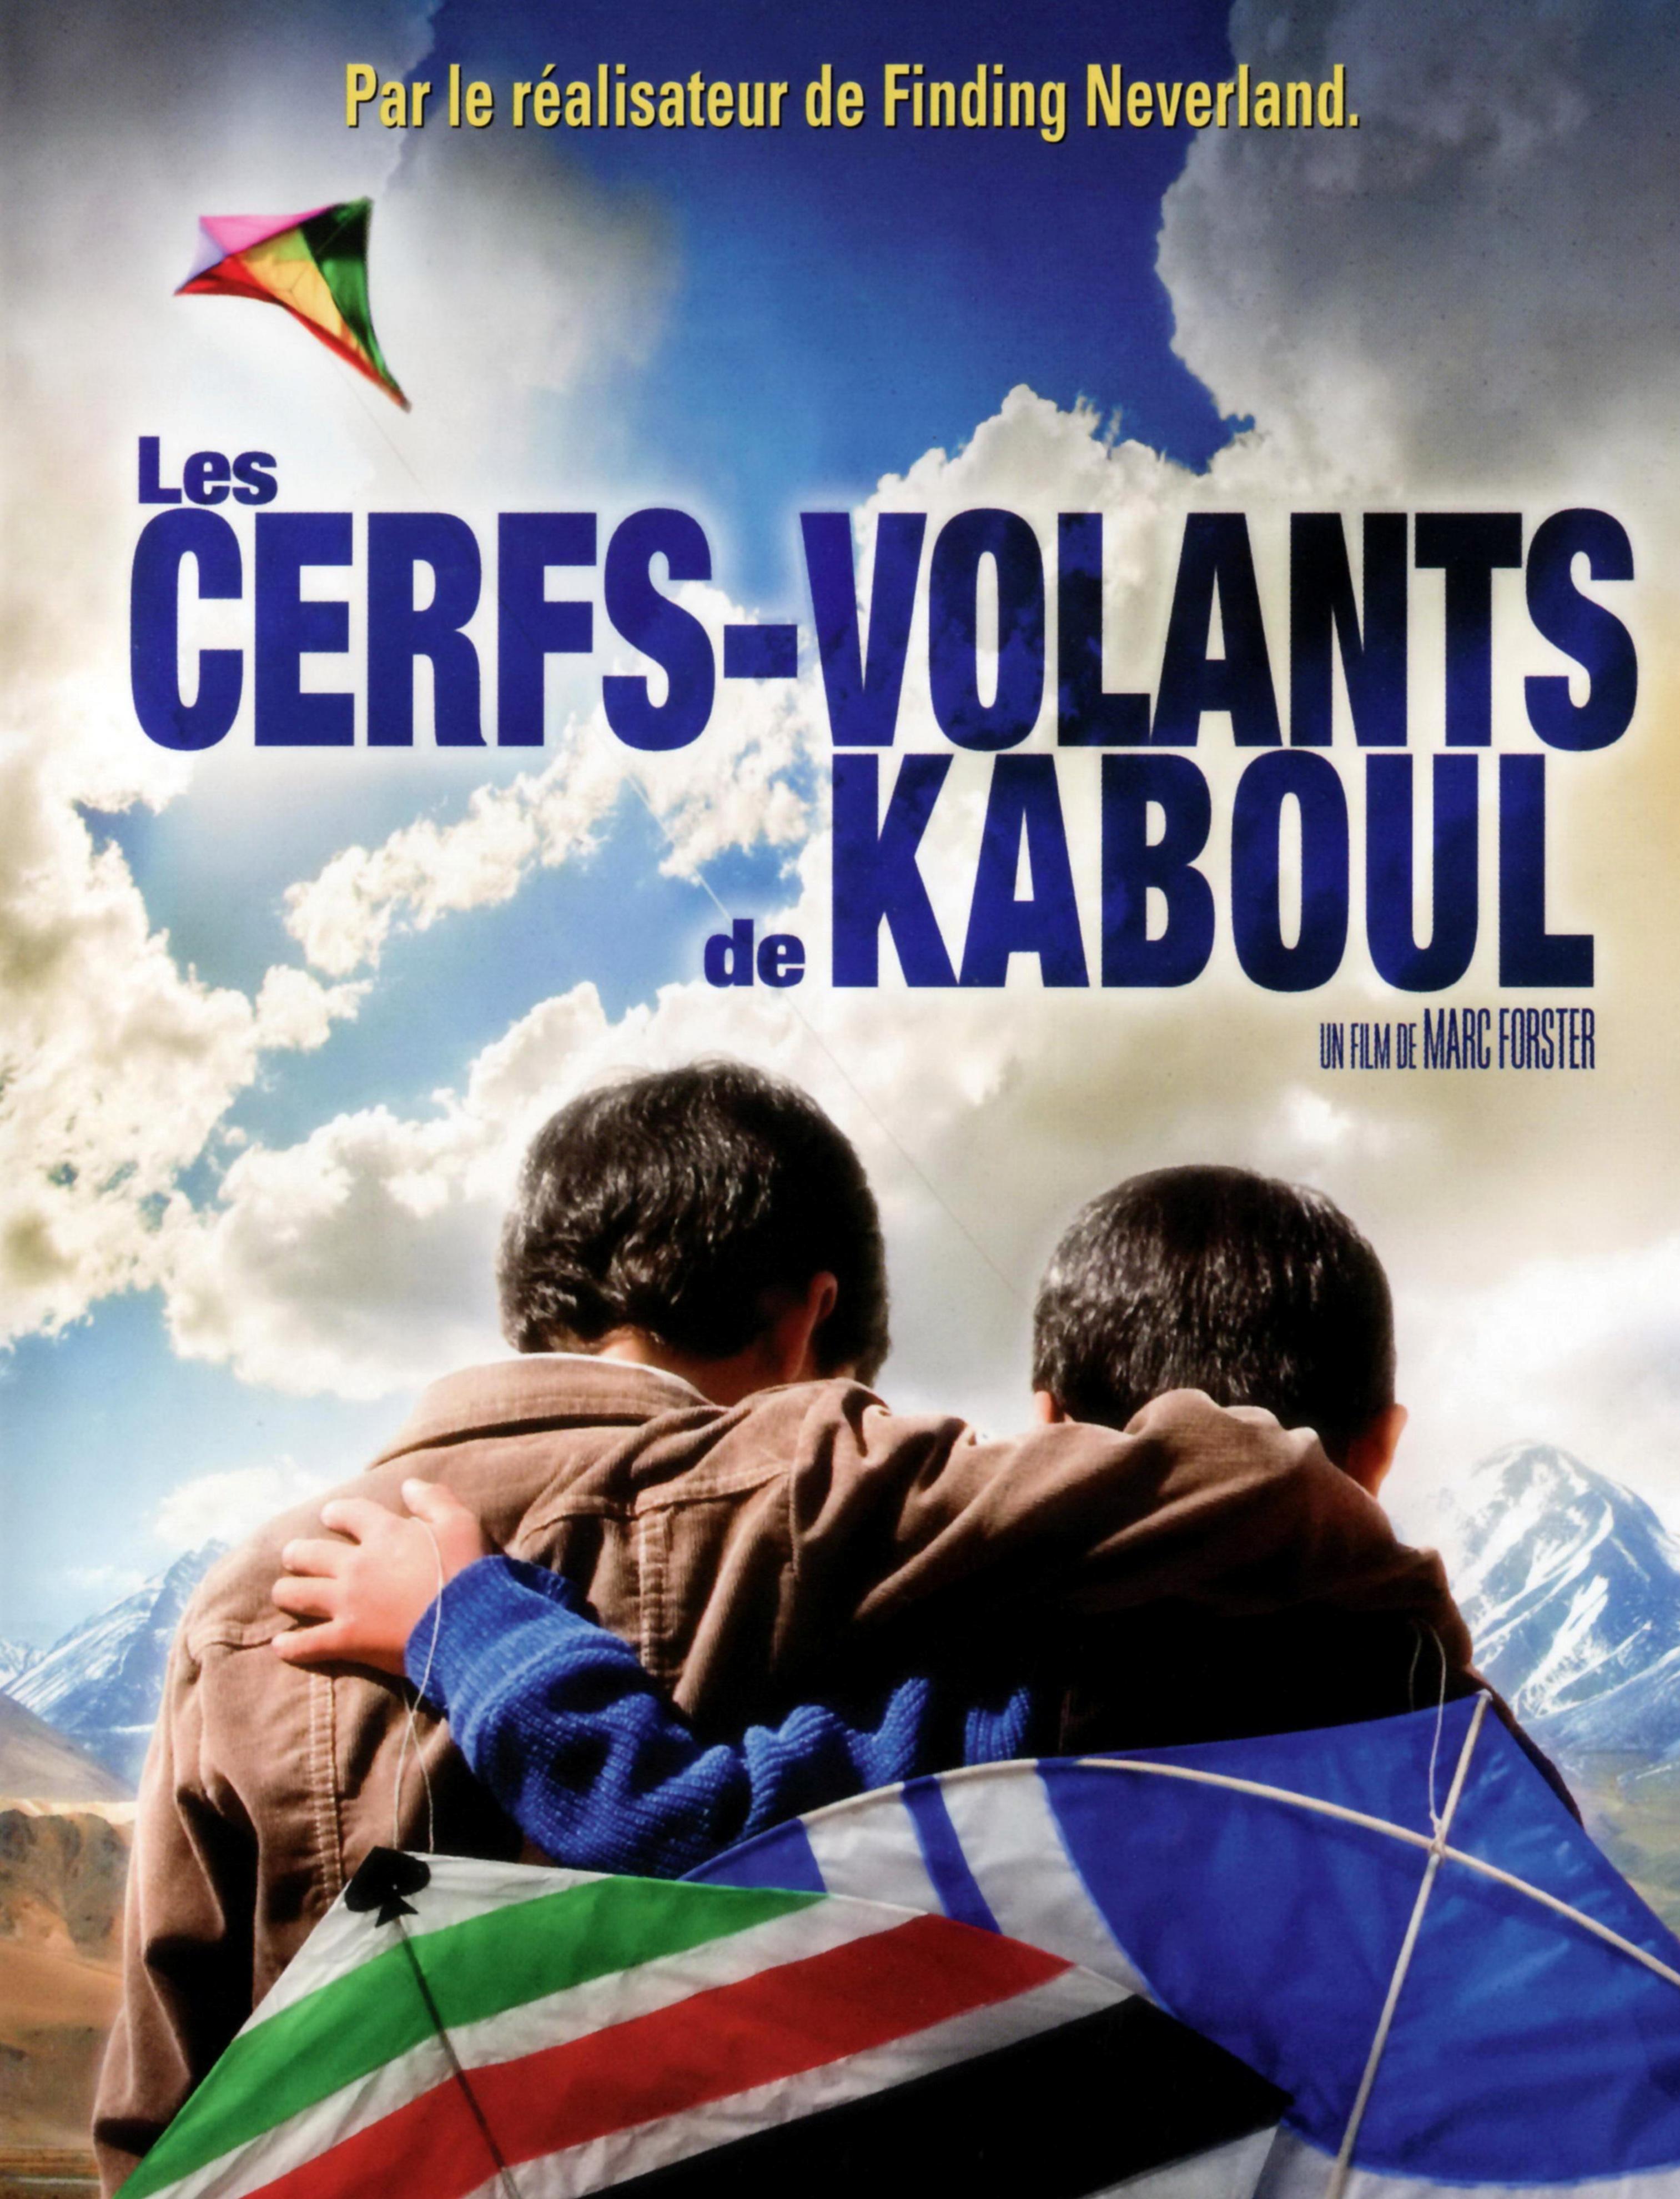 Les Cerf Volants De Kaboul : volants, kaboul, Cerfs-volants, Kaboul, (film,, 2007), Blog-notes